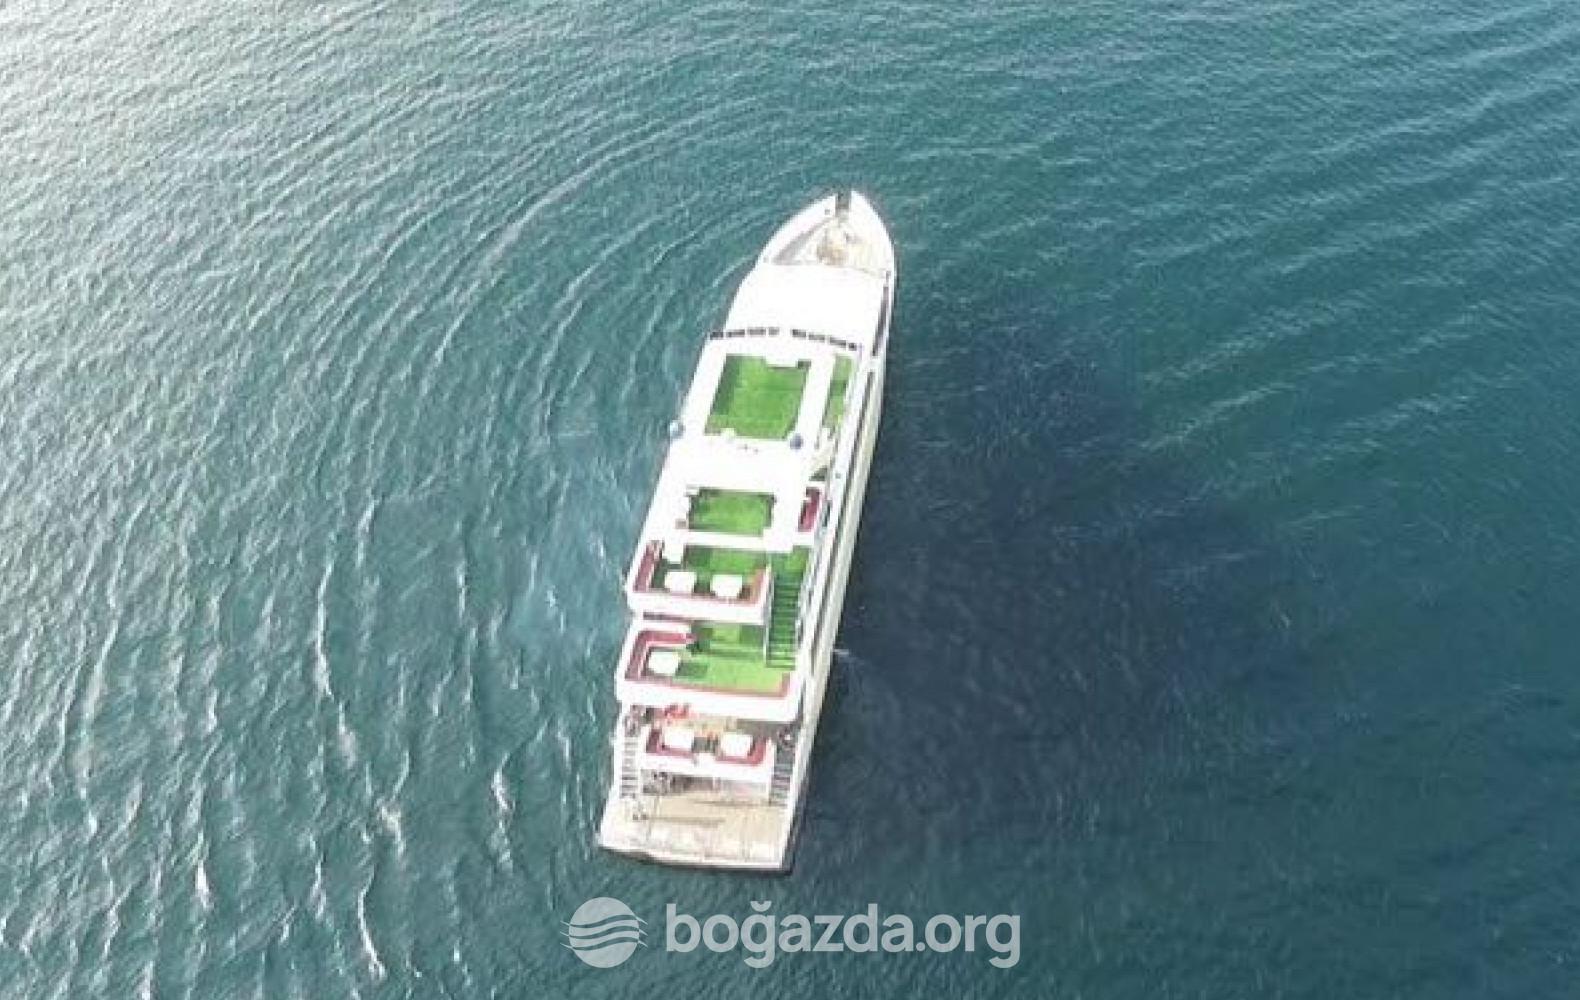 Kuzey Rüzgarı Tur Gezi Teknesi